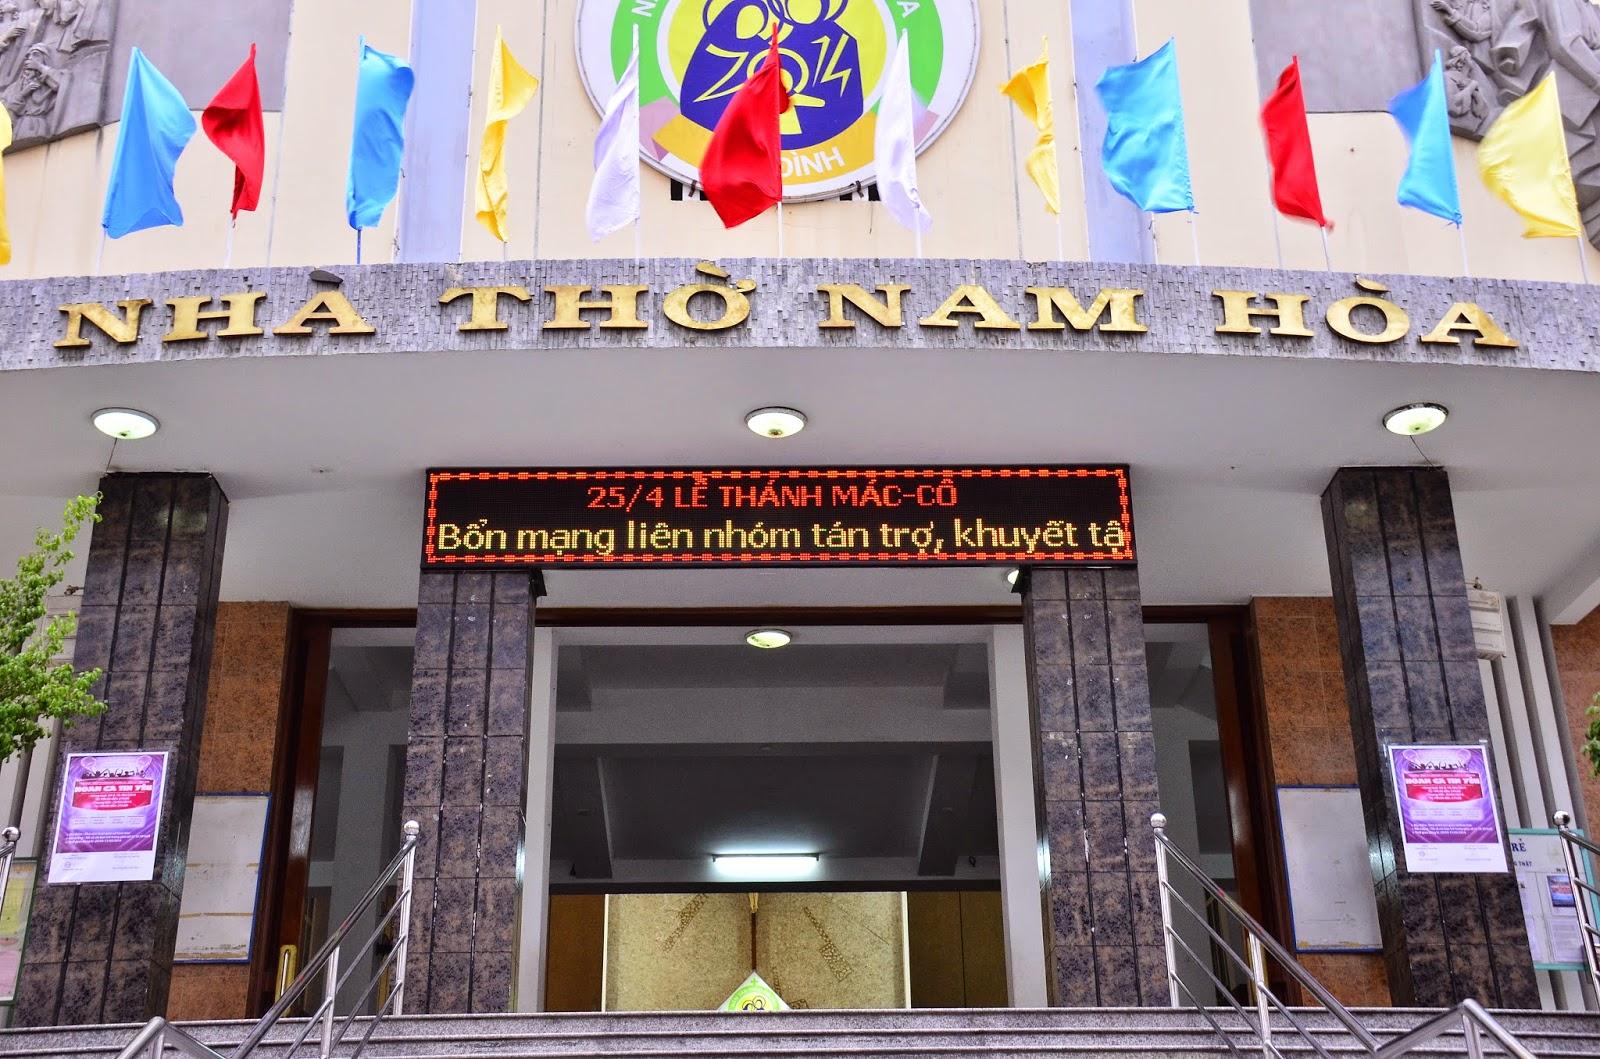 Ban MVTT. Liên Nhóm Tán Trợ : Khuyết Tật - Cộng Tác Viên Mừng Bổn Mạng